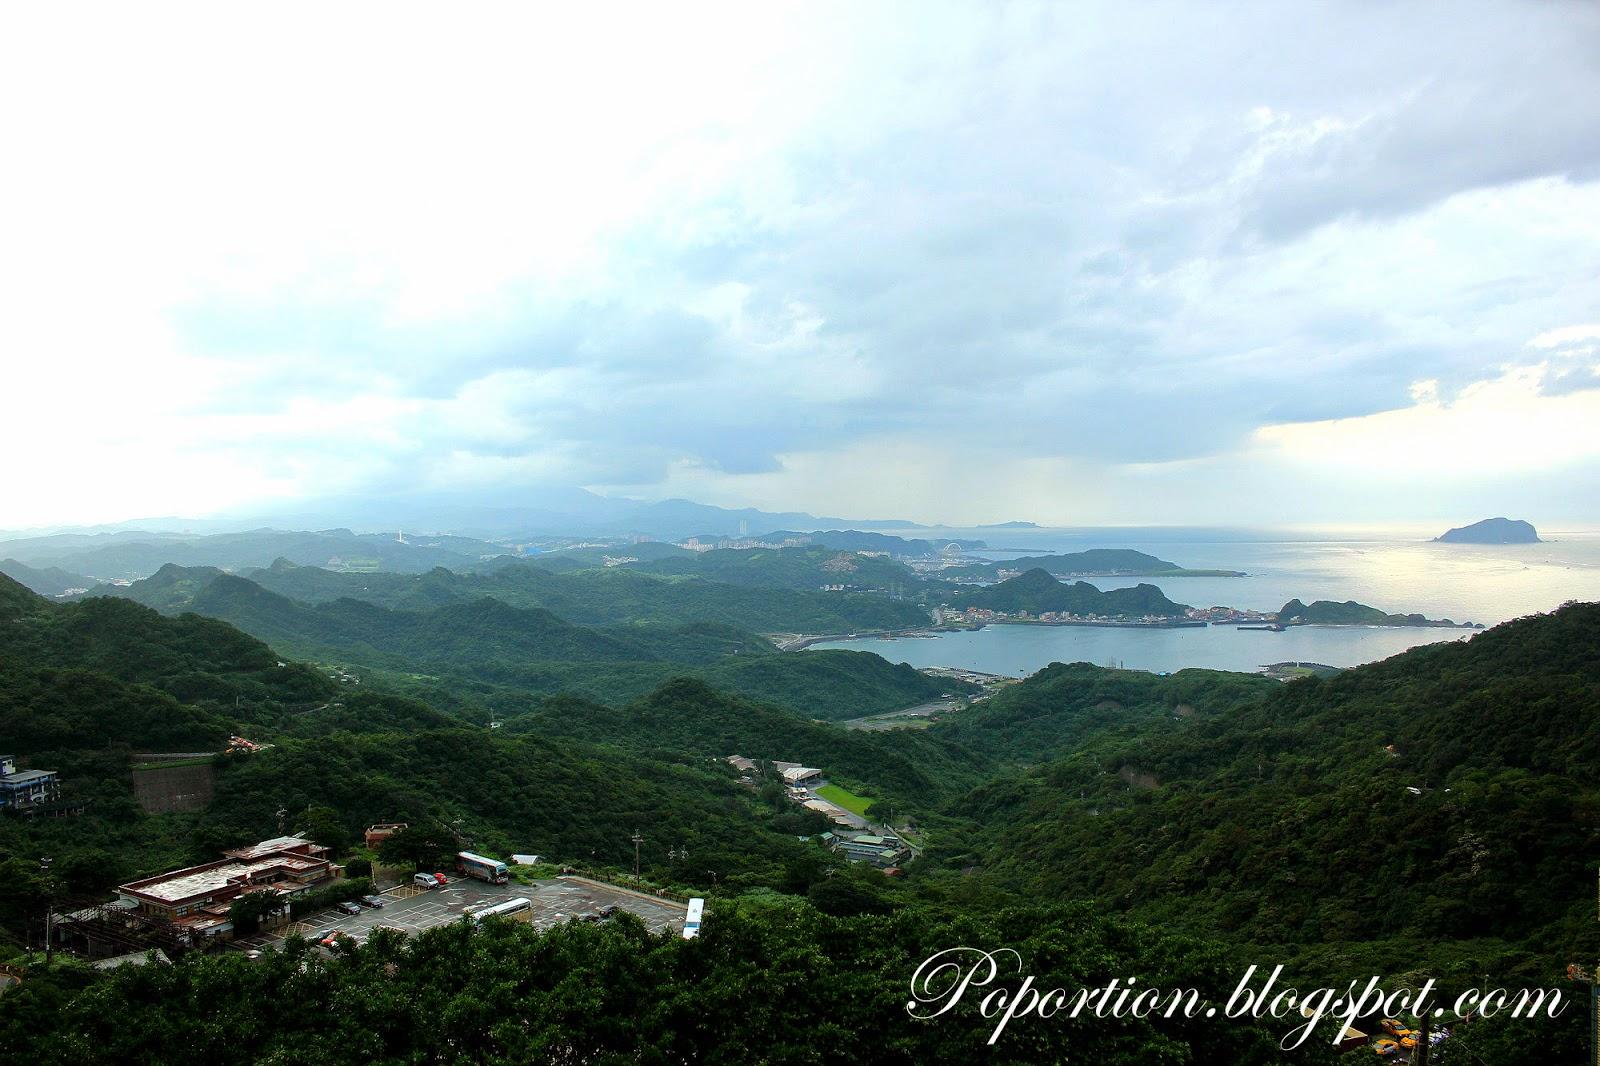 taiwan scenery